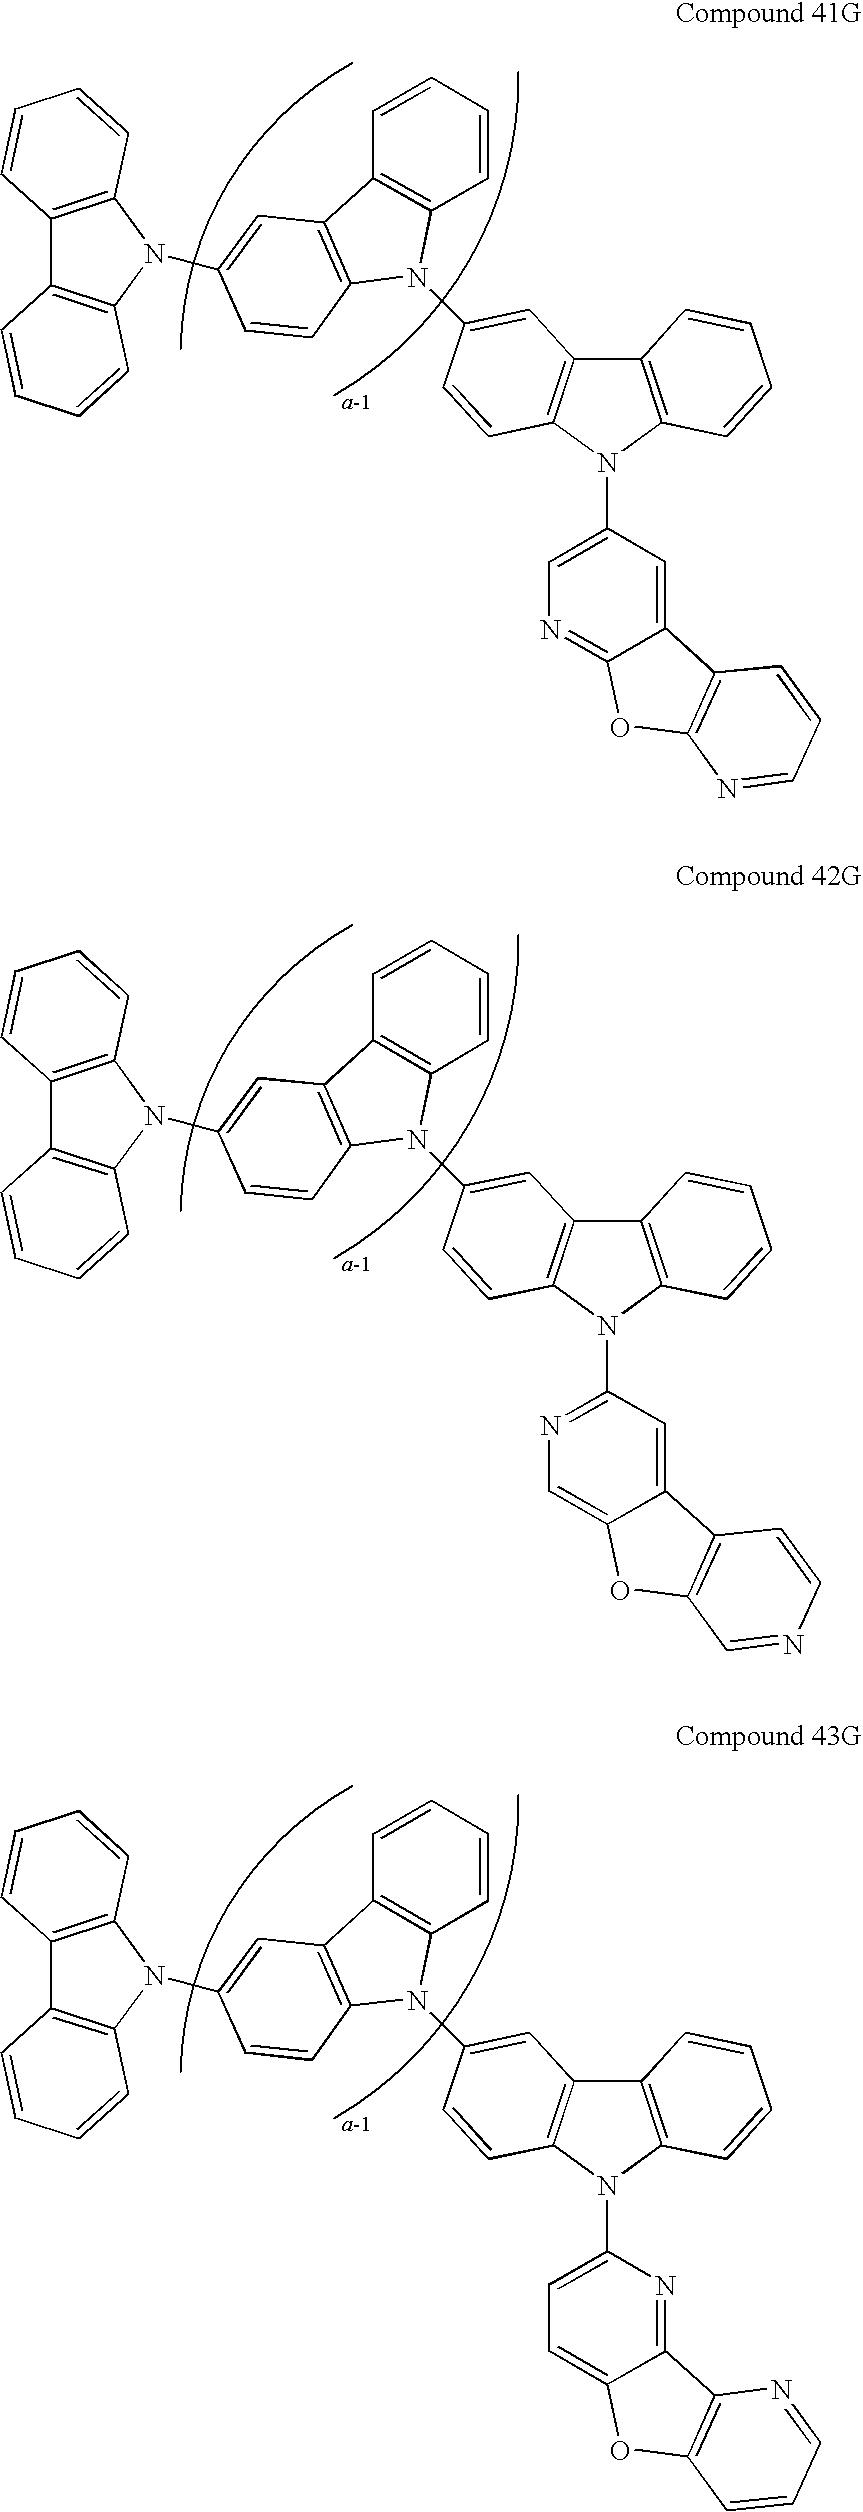 Figure US20090134784A1-20090528-C00212